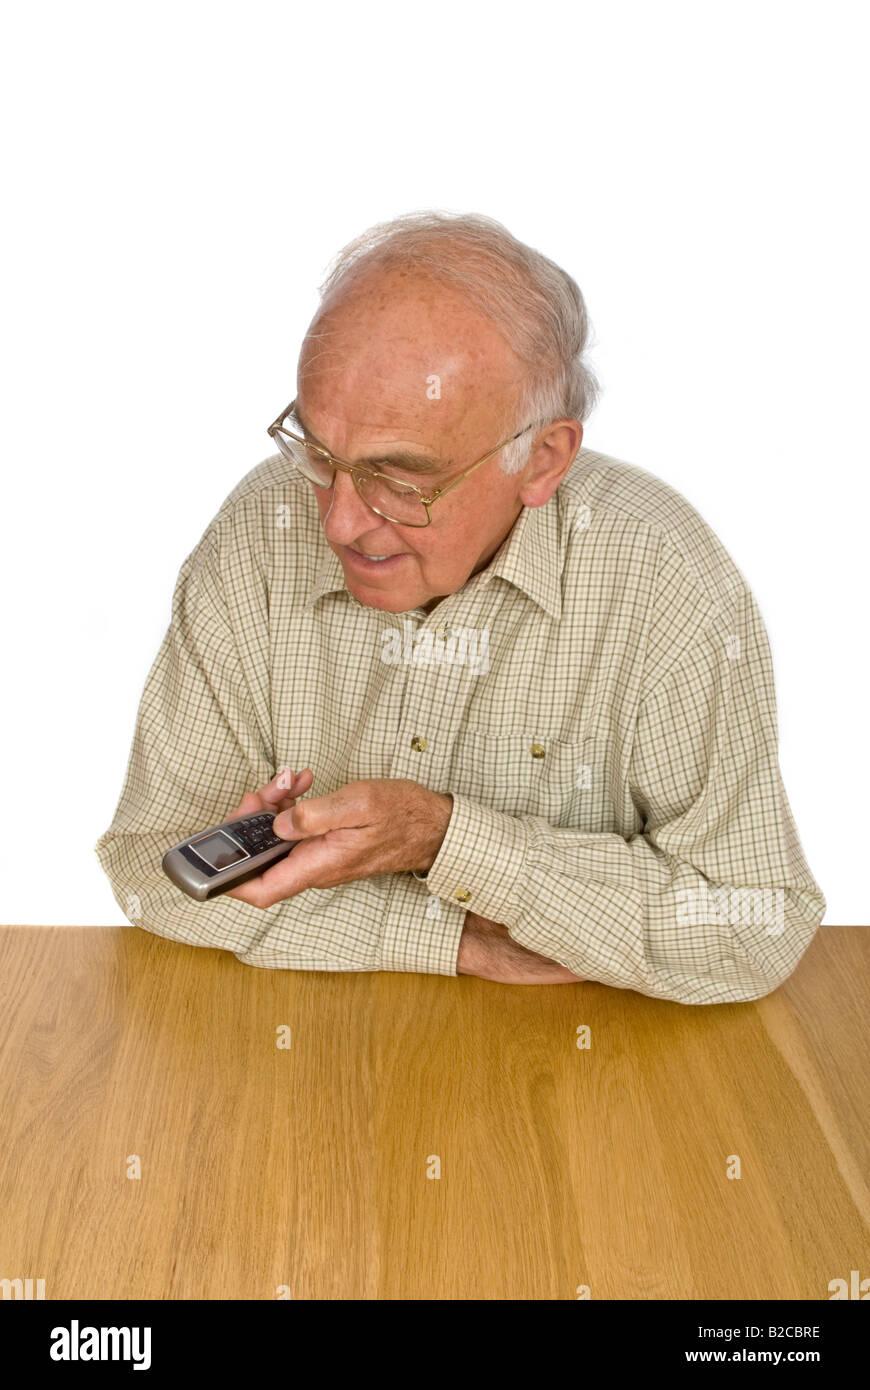 Vertical de un anciano caballero tiene dificultad para ver y utilizar los botones pequeños en un teléfono móvil. Foto de stock